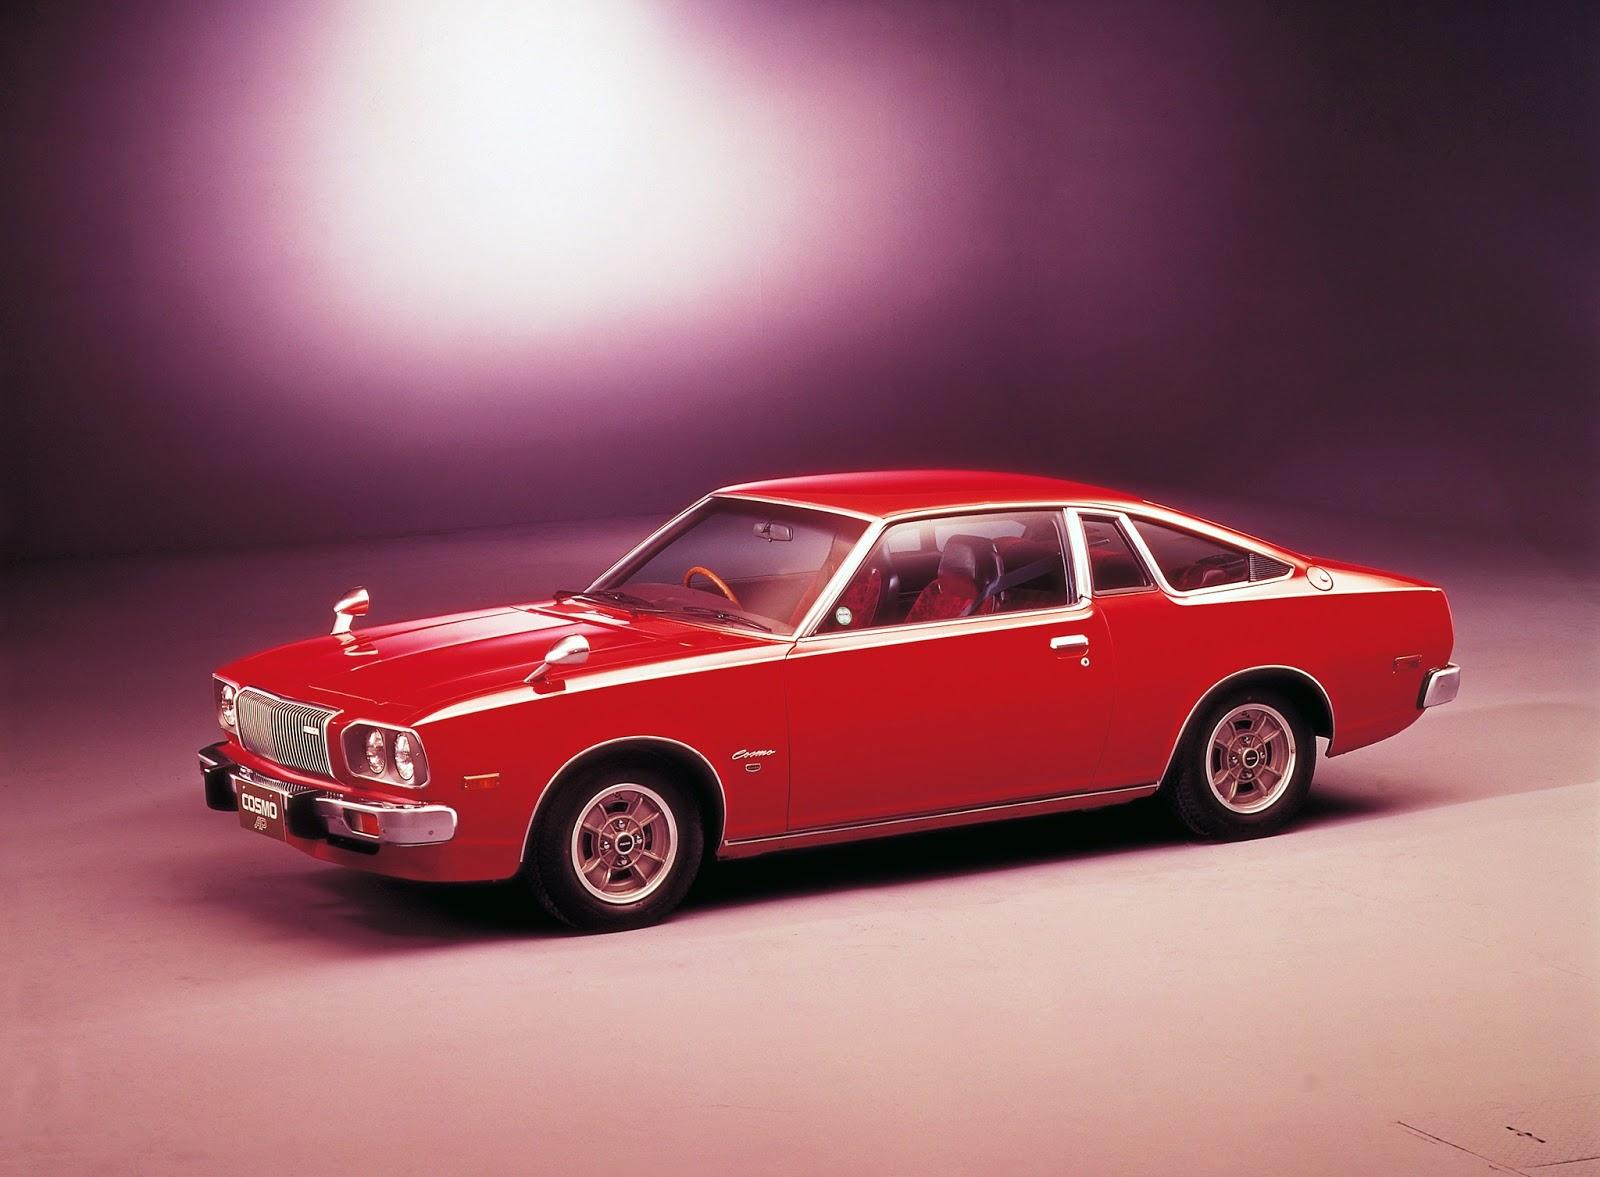 http://2.bp.blogspot.com/-x103Nkt33cg/URI5QLBxEEI/AAAAAAAAQmE/BPnmw0jvnH0/s1600/1975+Mazda+Cosmo+Wallpaper+1.jpg